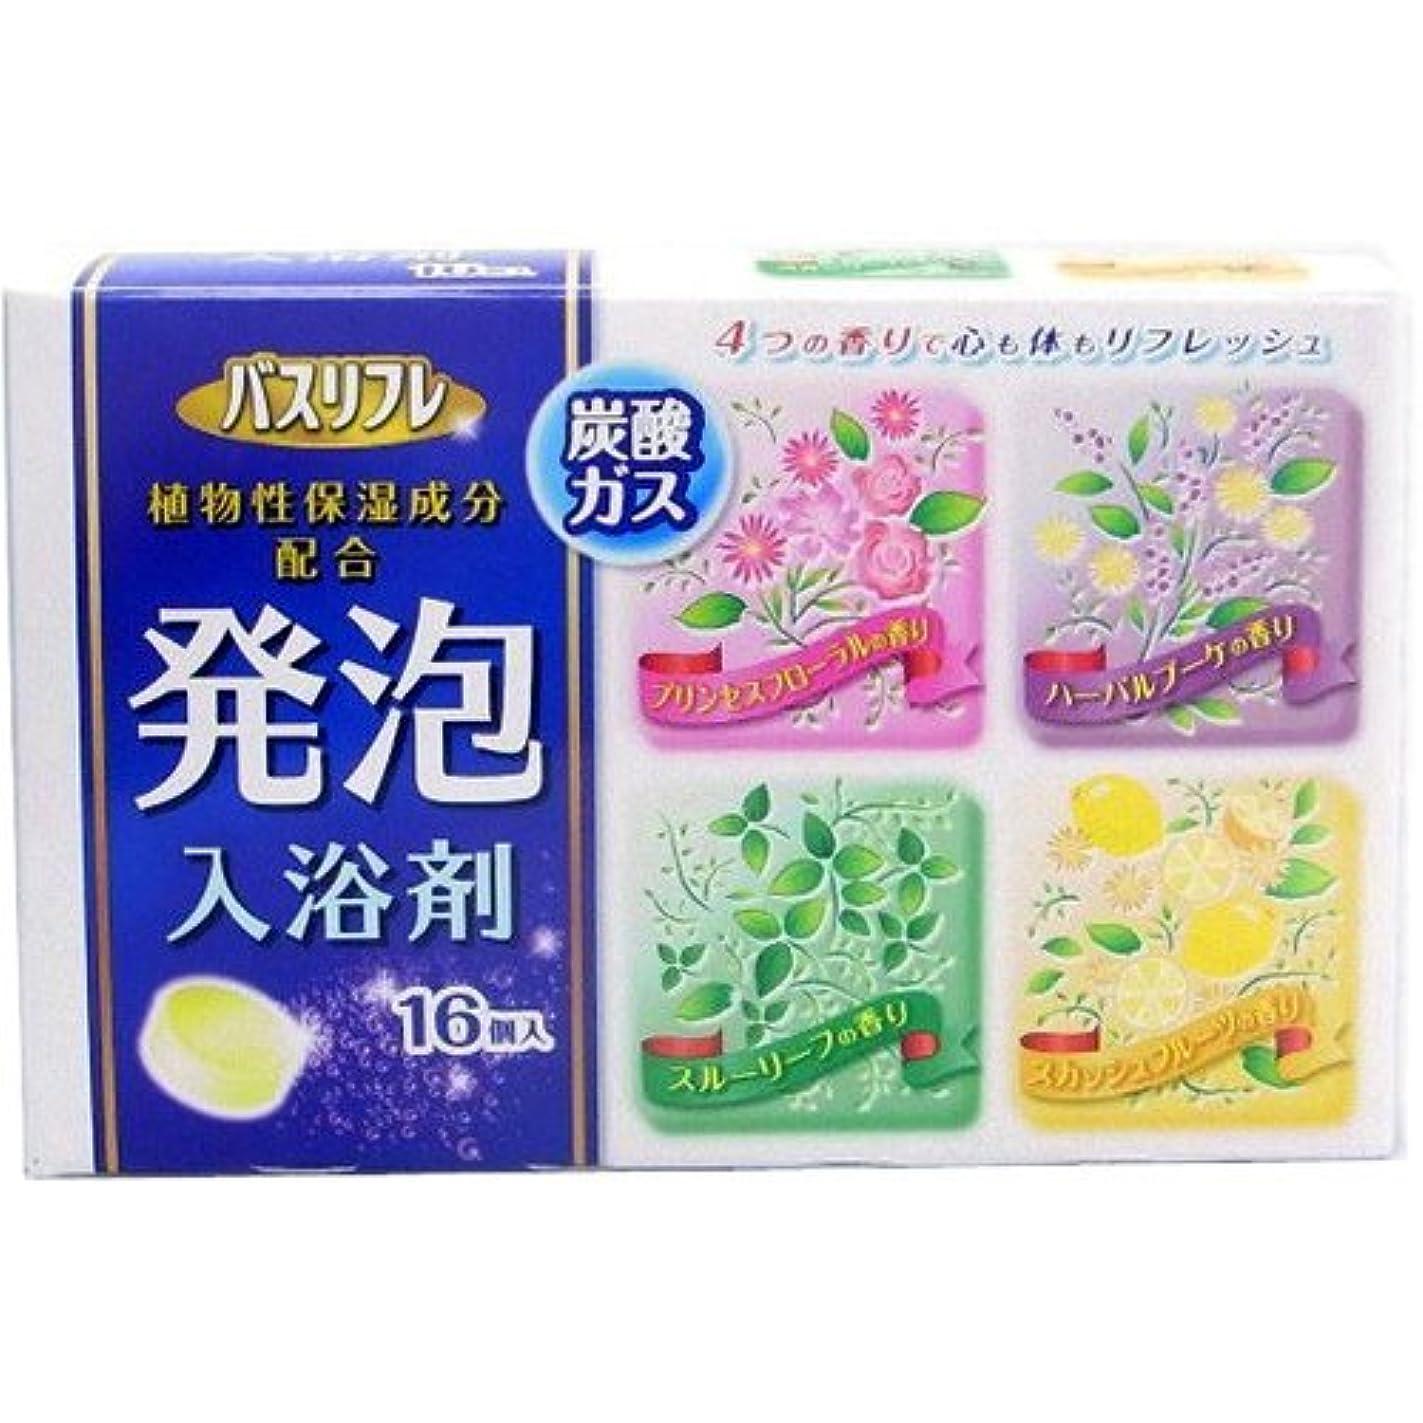 不合格コンドーム習熟度バスリフレ 薬用発泡入浴剤 16錠 [医薬部外品] Japan